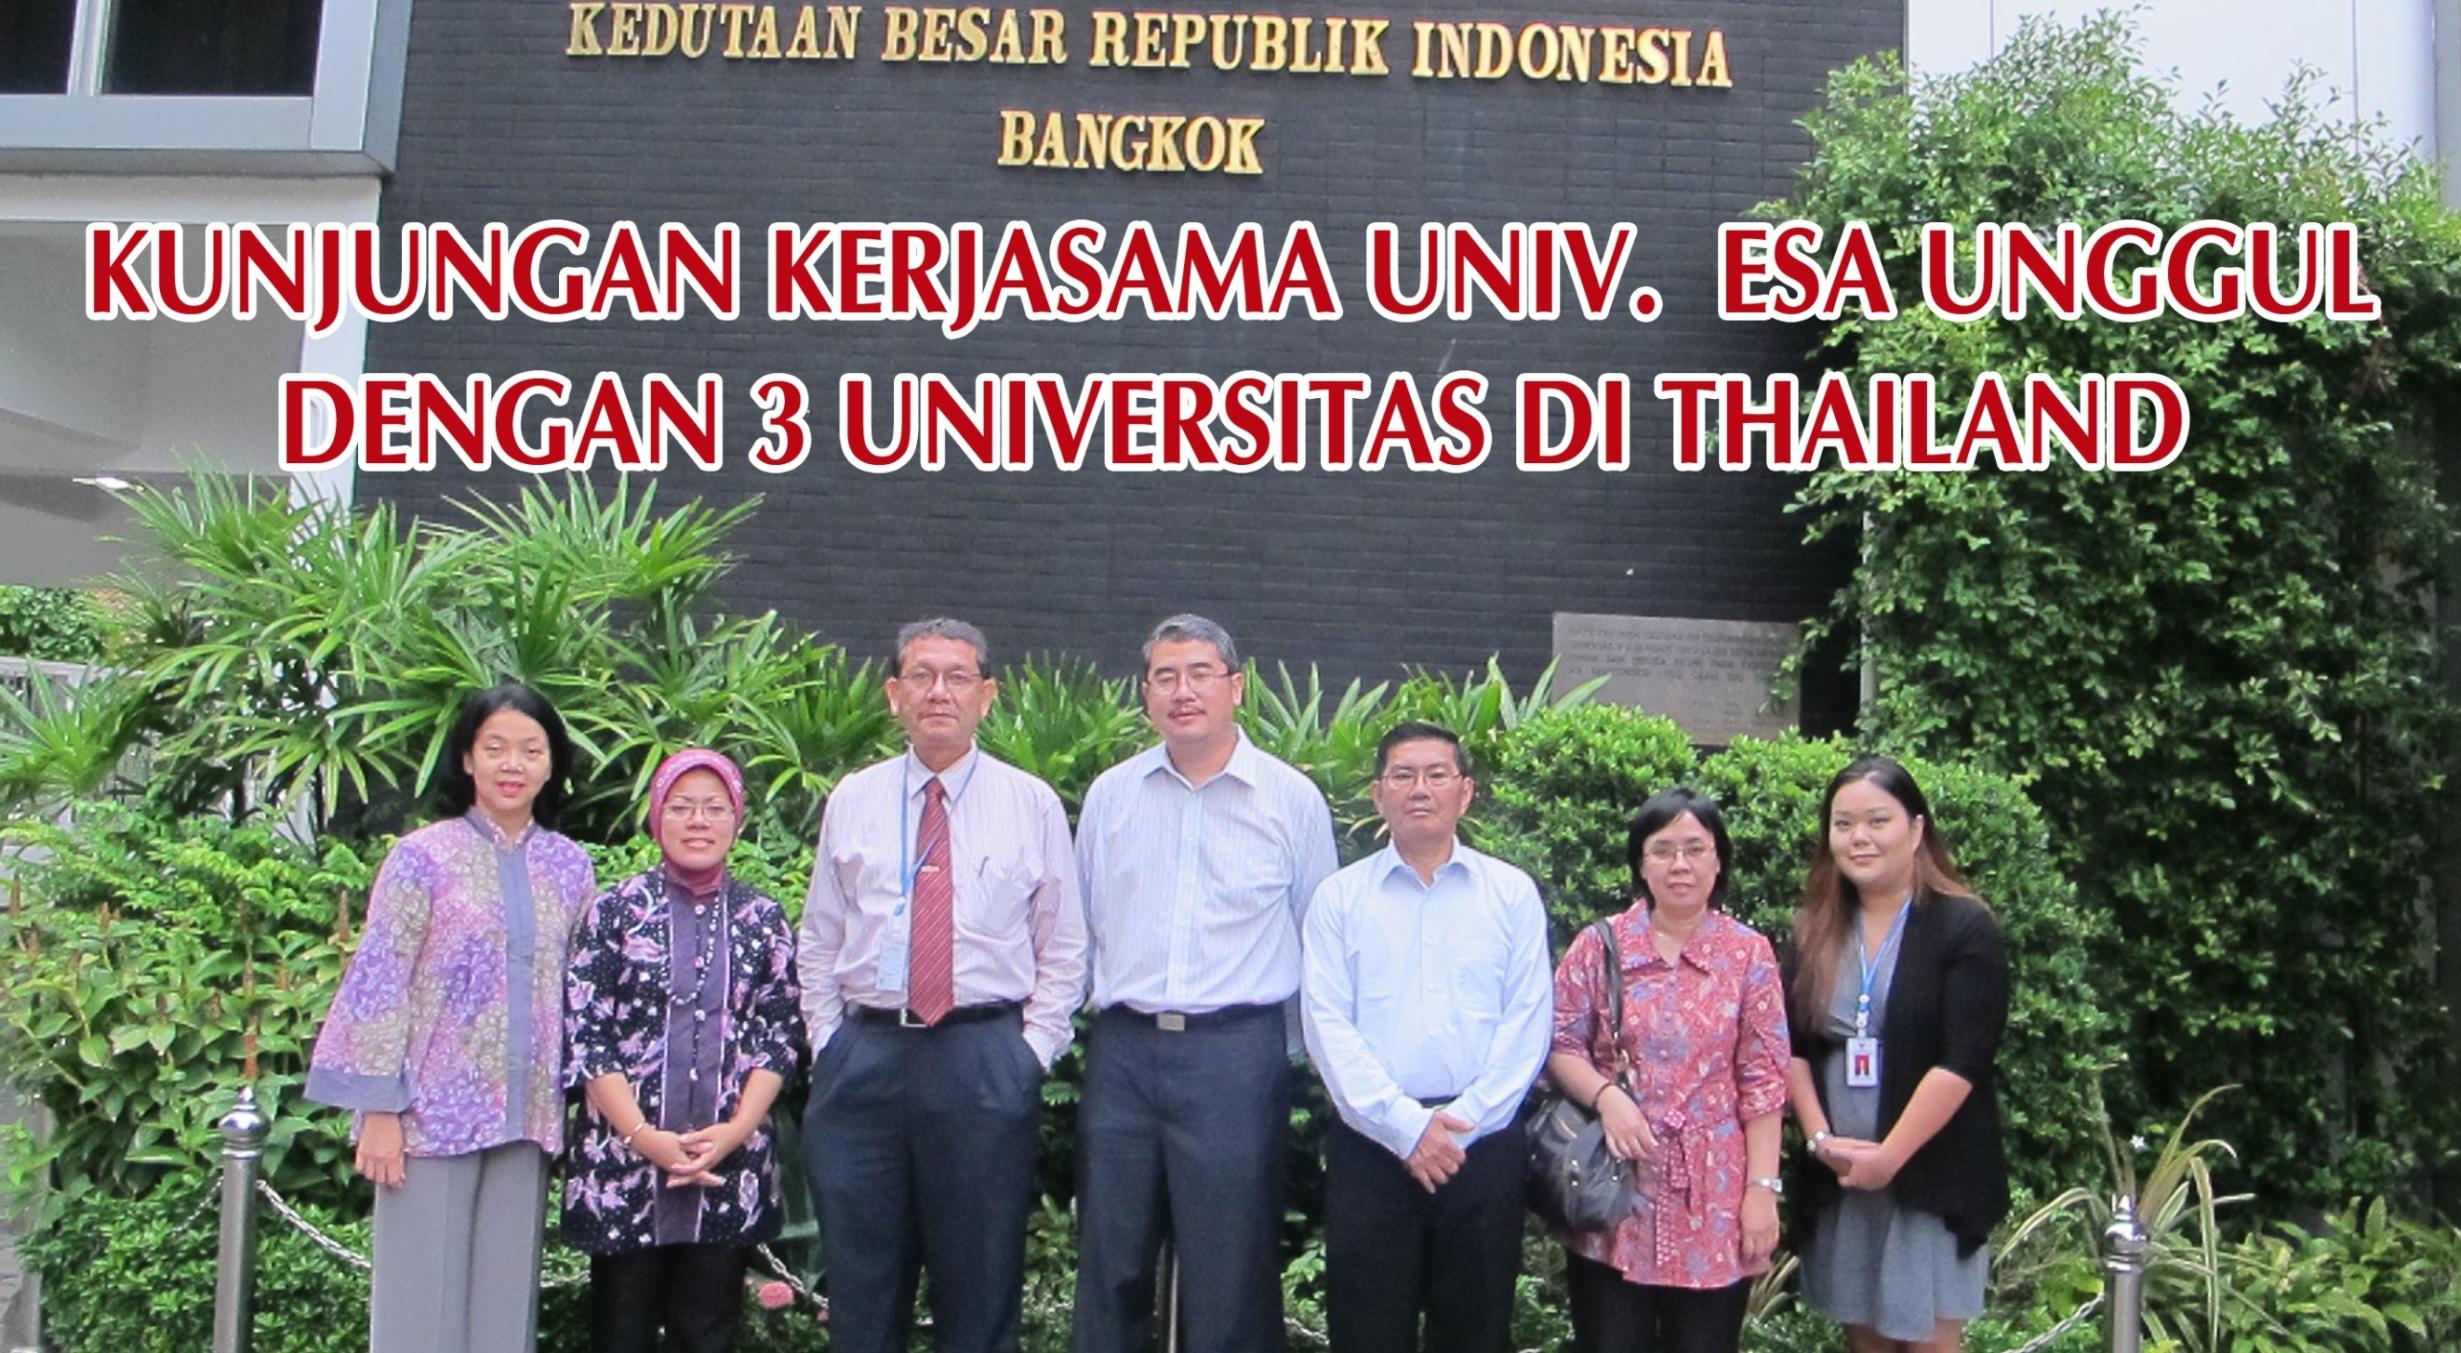 Kunjungan Kerjasama Universitas Esa Unggul dengan 3 Universitas di Thailand – Mahidol University, Burapha University dan Kasetsart University